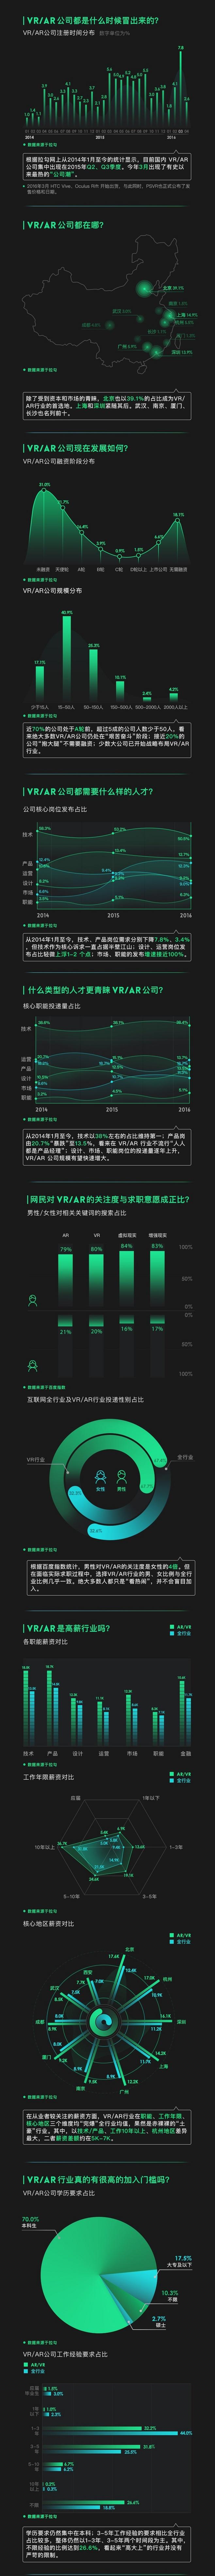 【信息图】VR/AR公司发展时间轨迹